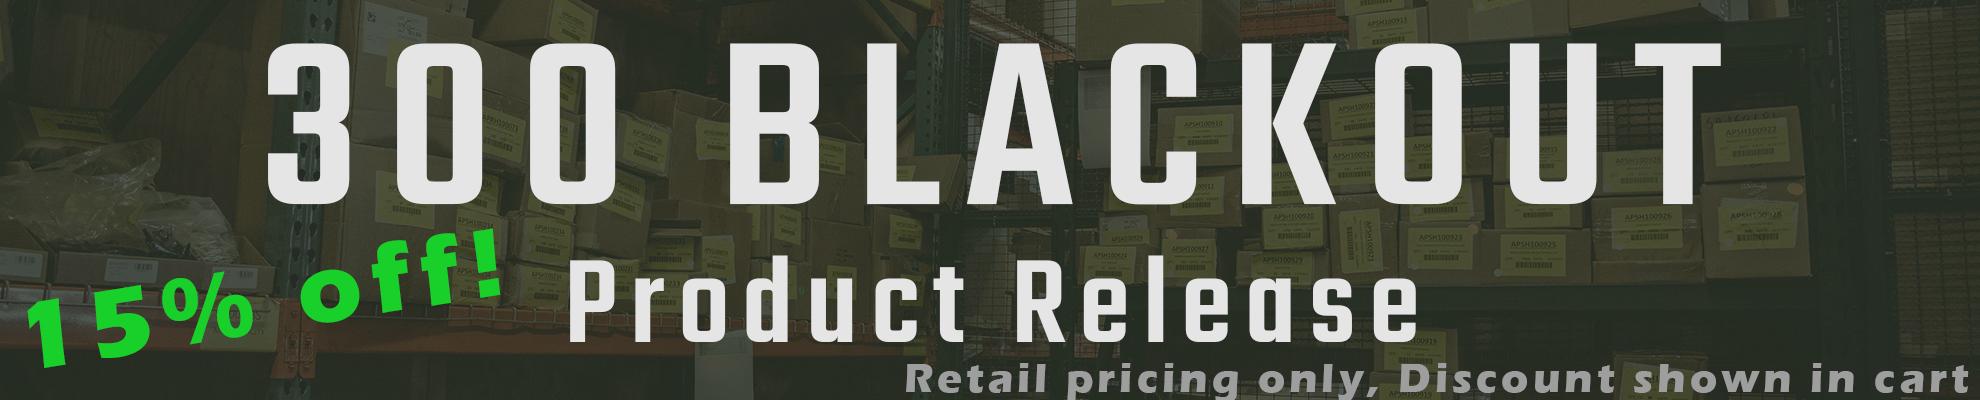 300-blackout-banner.jpg